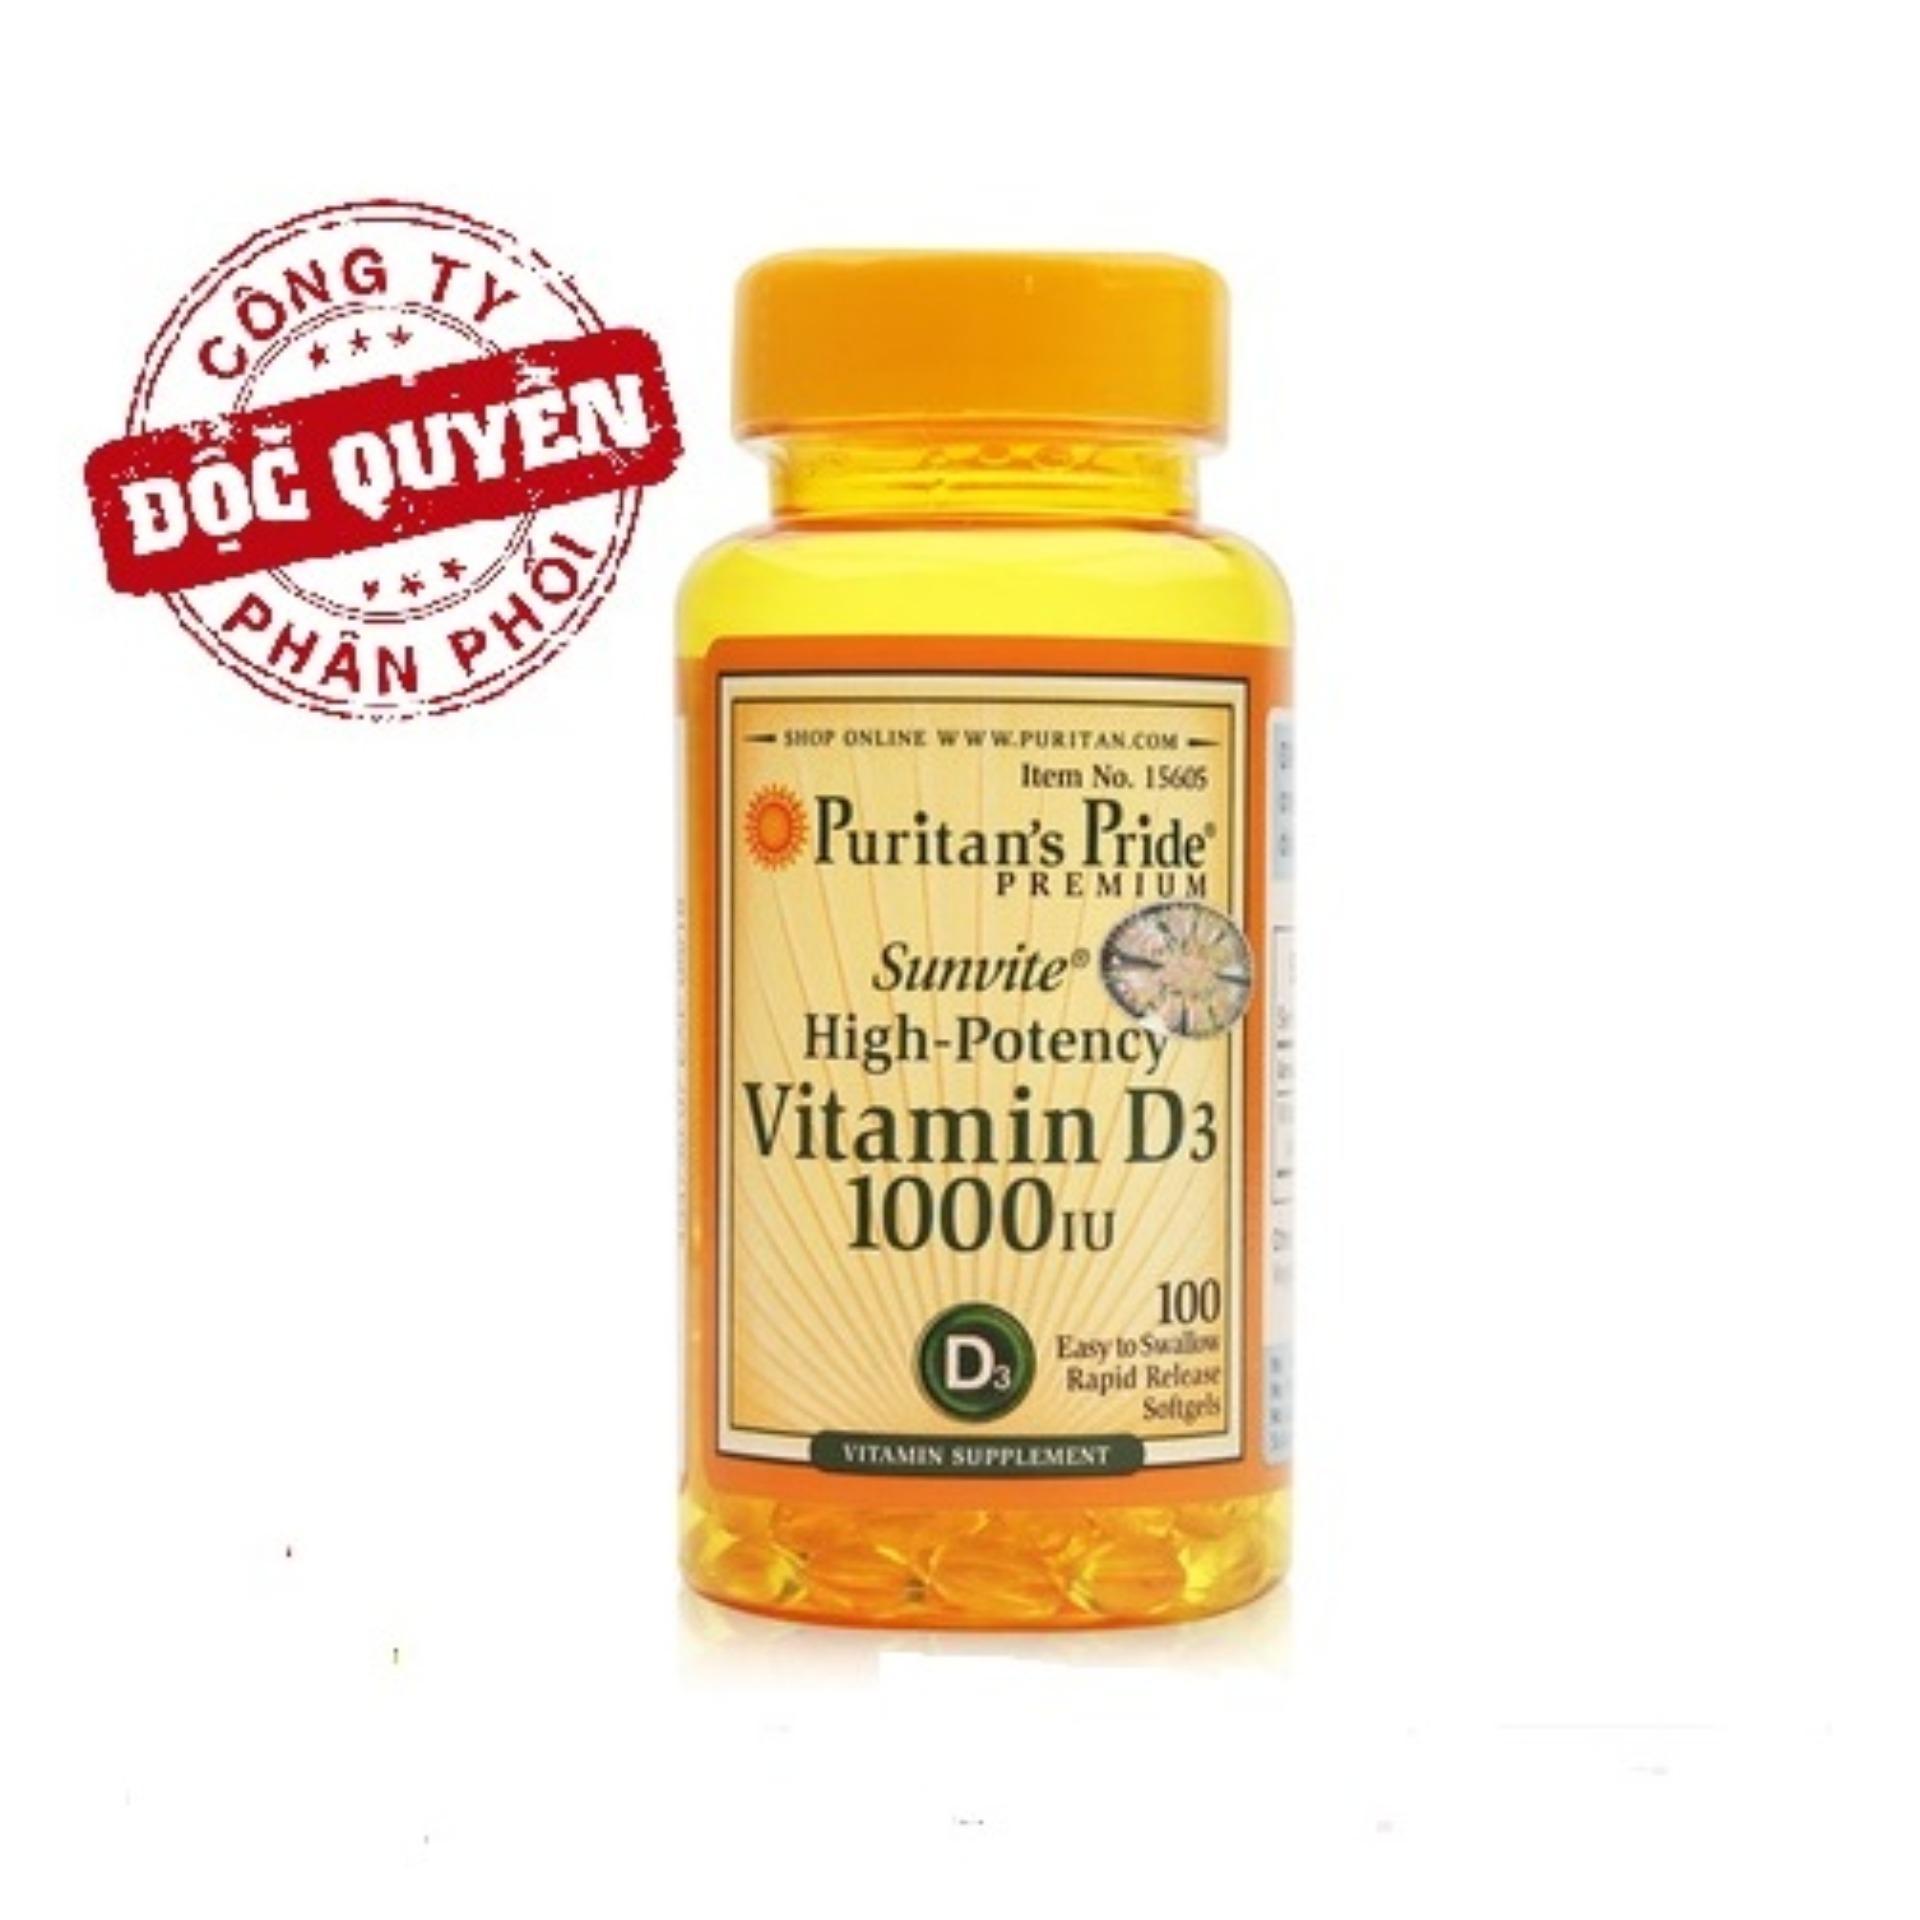 Viên uống bổ sung Vitamin D tăng cường hệ miễn dịch, phòng chống còi xương Puritans Pride Sunvite High-Potency Vitamin D3 1000IU 100 viên